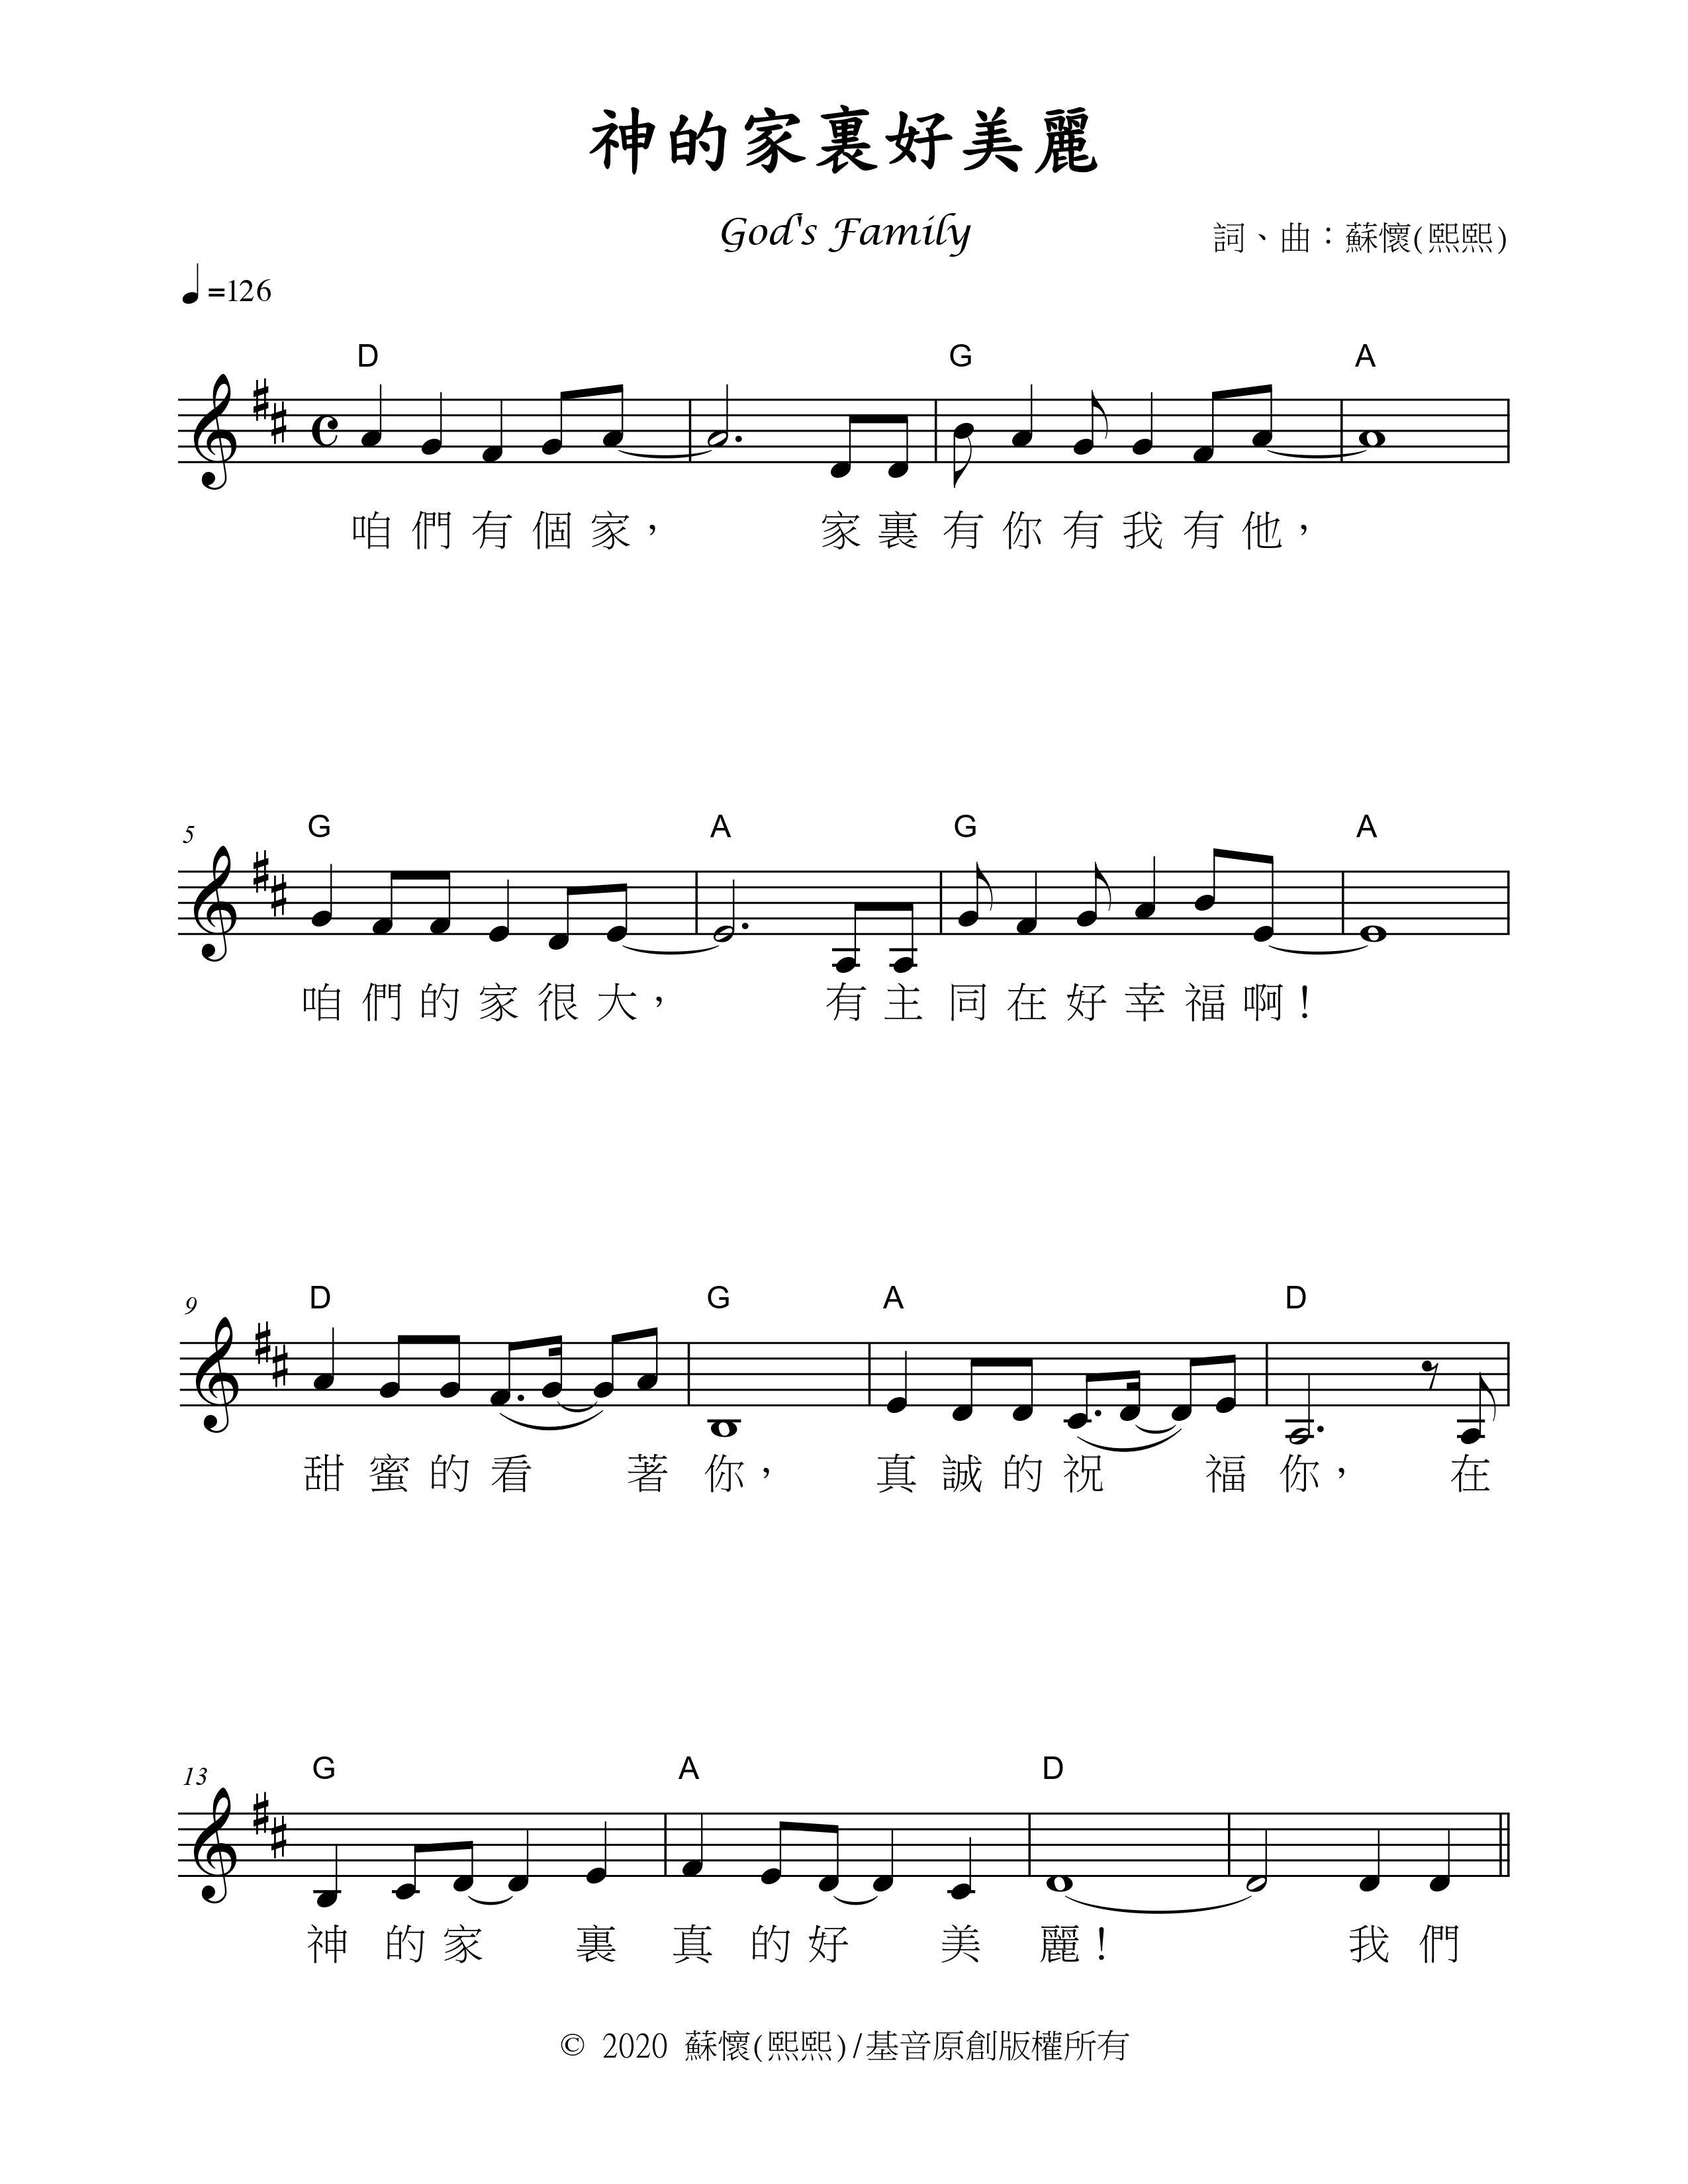 《神的家里好美丽 官方和弦五线谱》